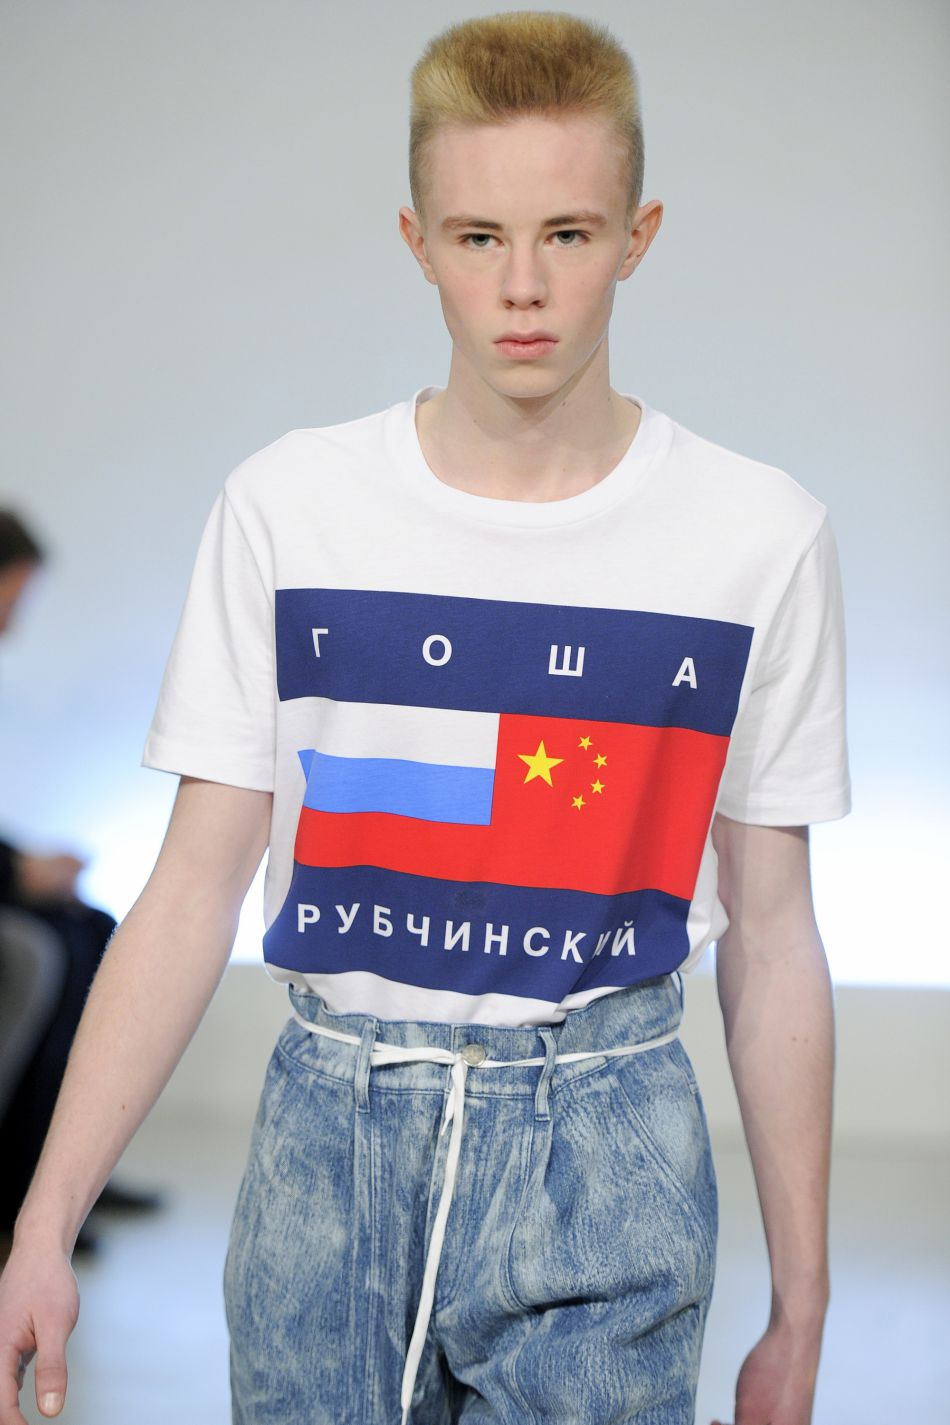 Gosha Rubchinskiy détourne le logo Tommy Hilfiger en une version soviétique.